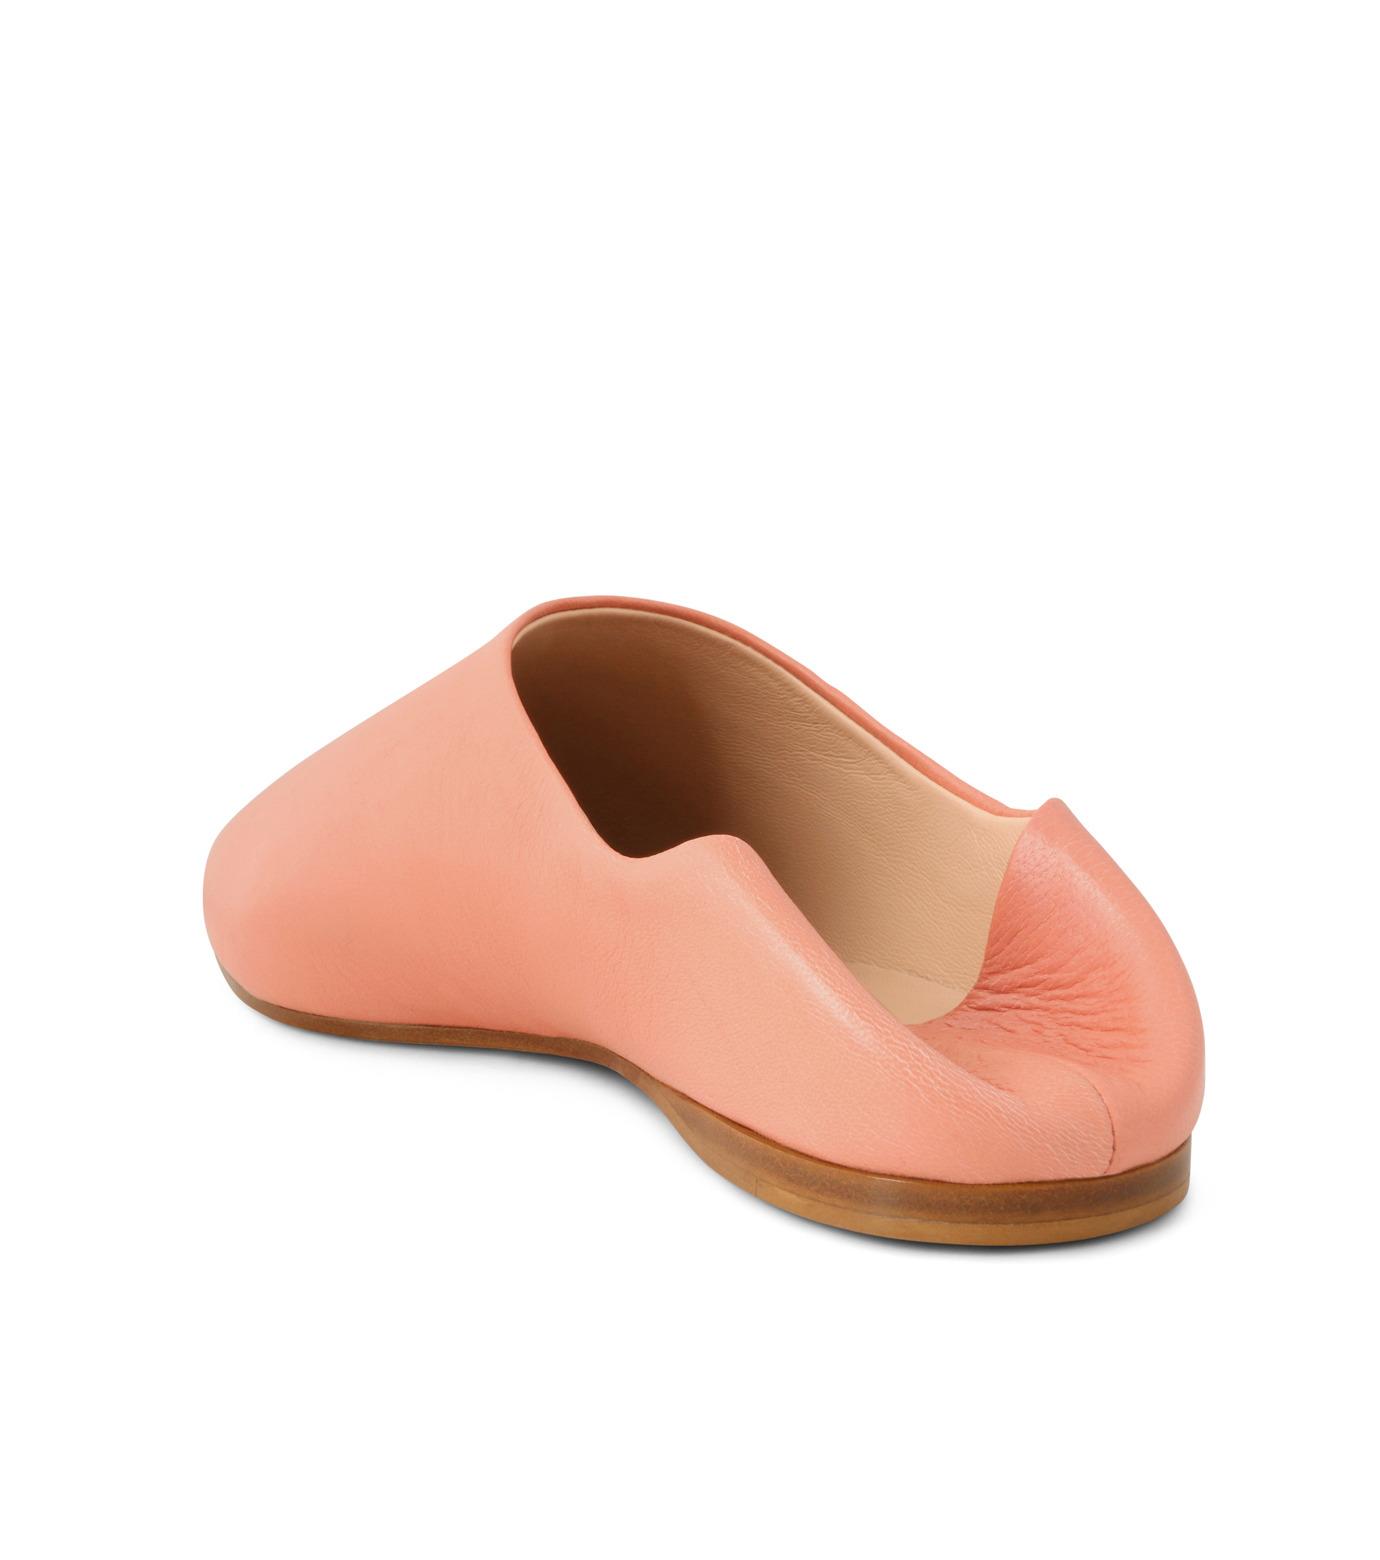 ACNE STUDIOS(アクネ ストゥディオズ)のSlipper Nappa-PINK(フラットシューズ/Flat shoes)-1EGC64-72 拡大詳細画像3